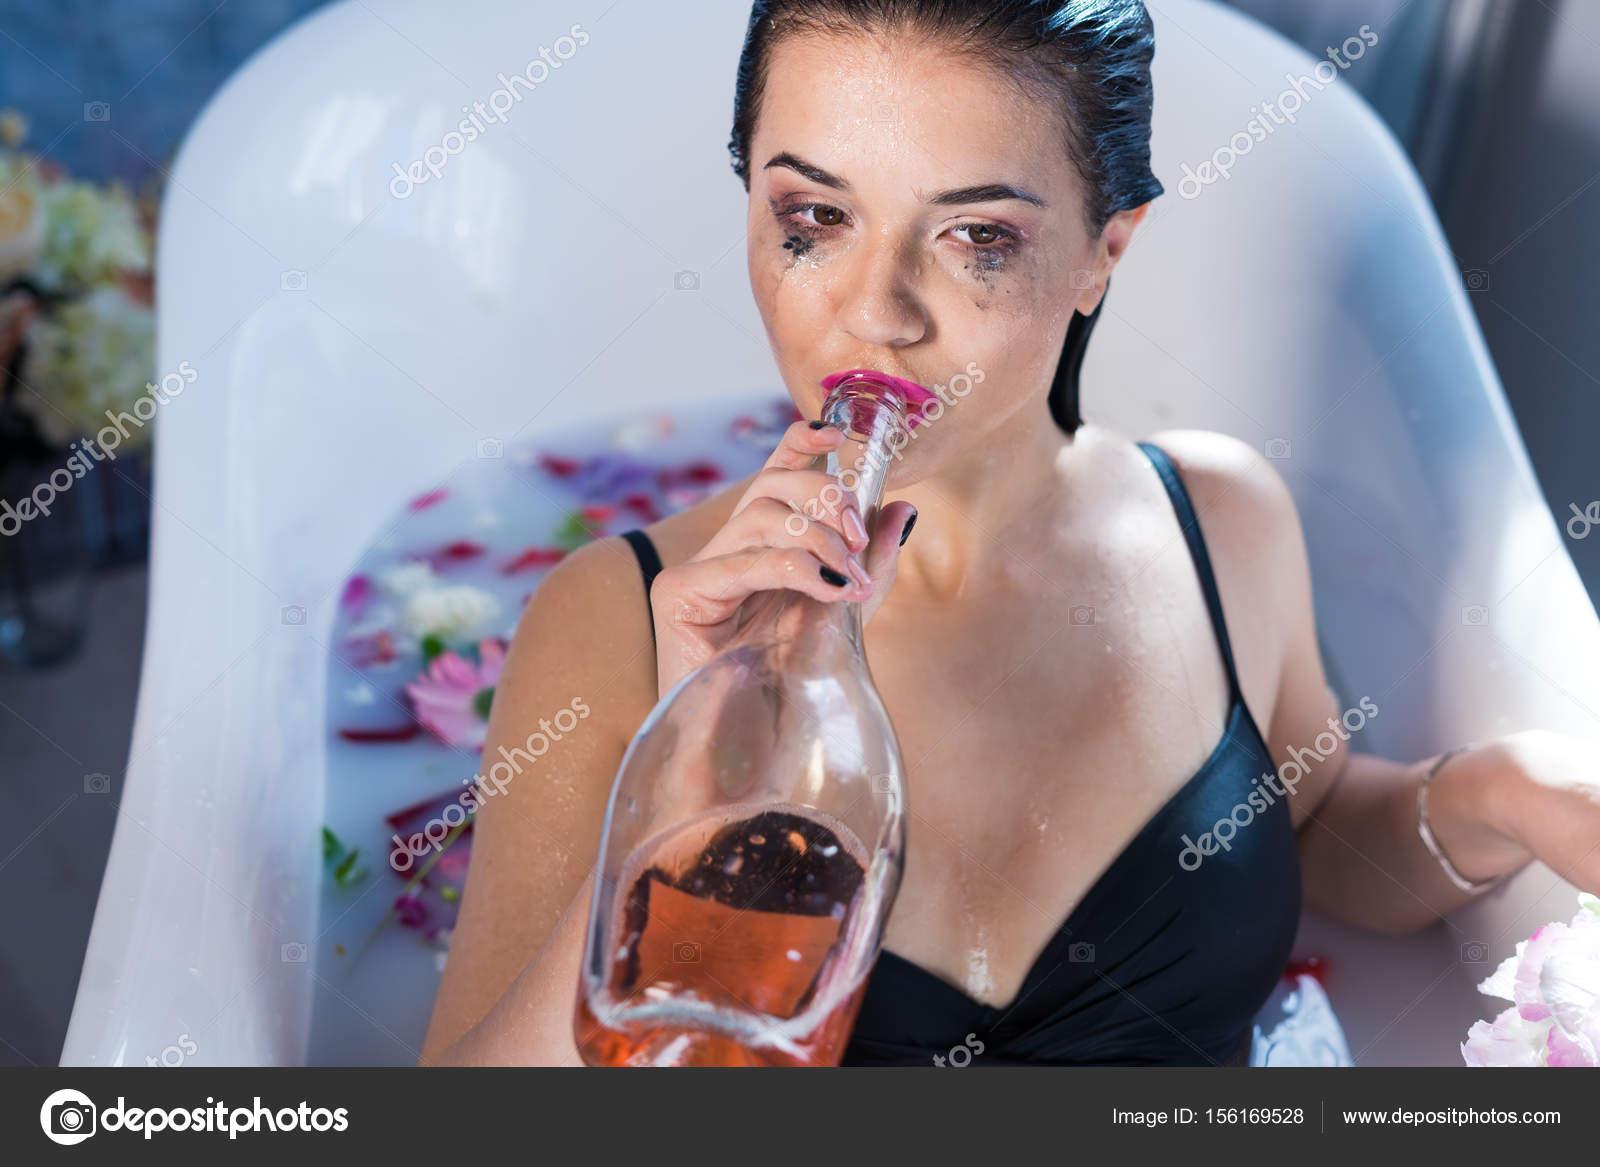 meleg fürdő szexlányok, akik szeretik a fekete faszot